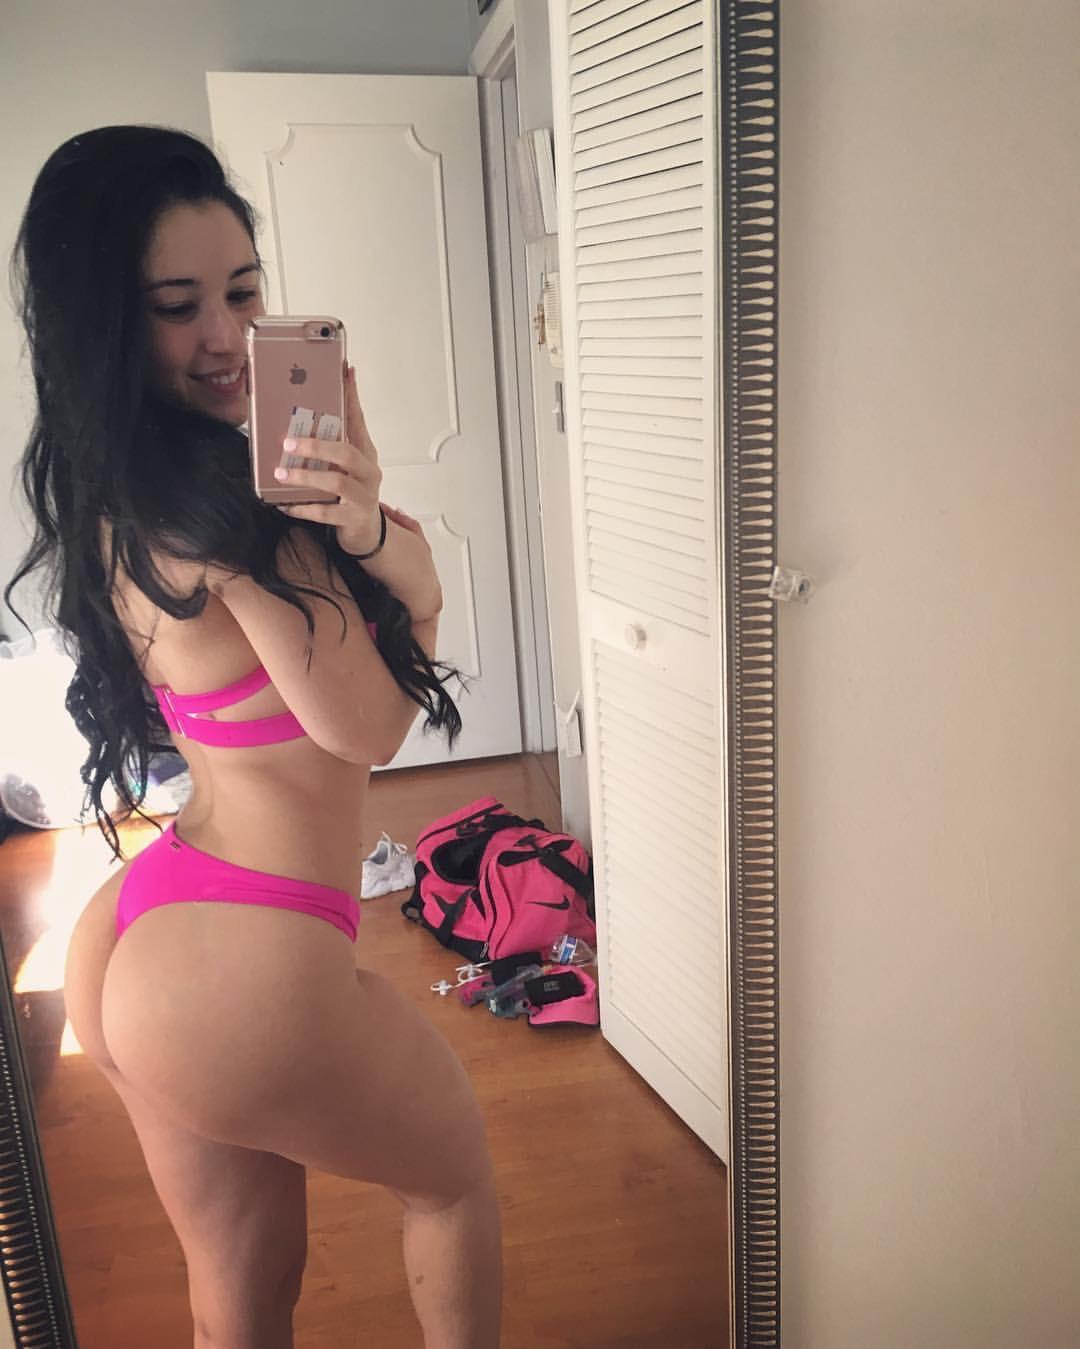 Boricua mami showing her ass